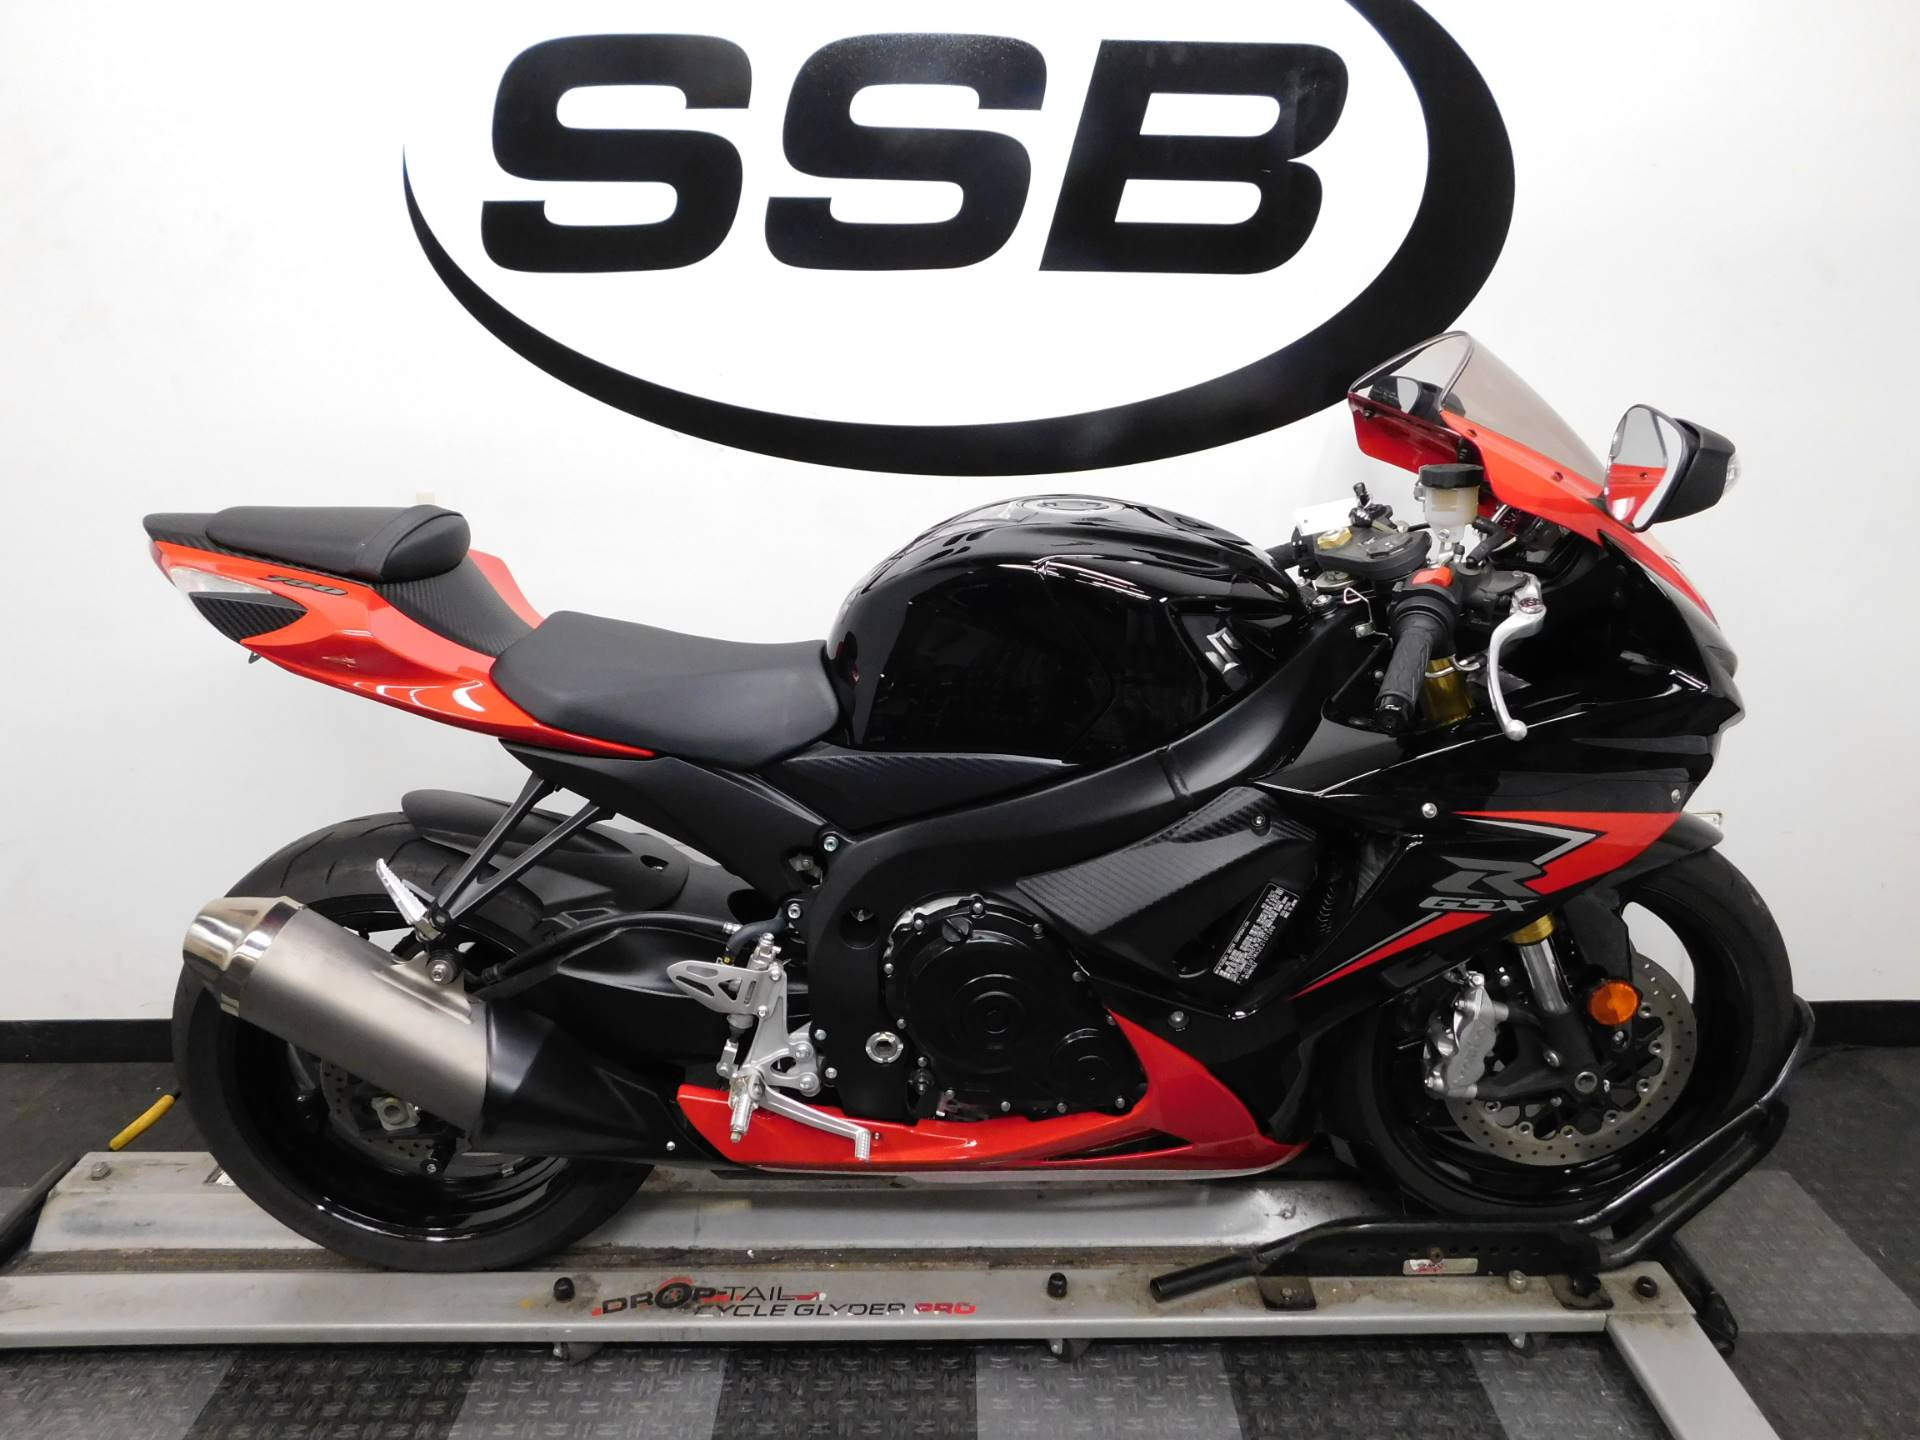 Used 2014 Suzuki GSX-R750™ Motorcycles in Eden Prairie, MN | Stock ...